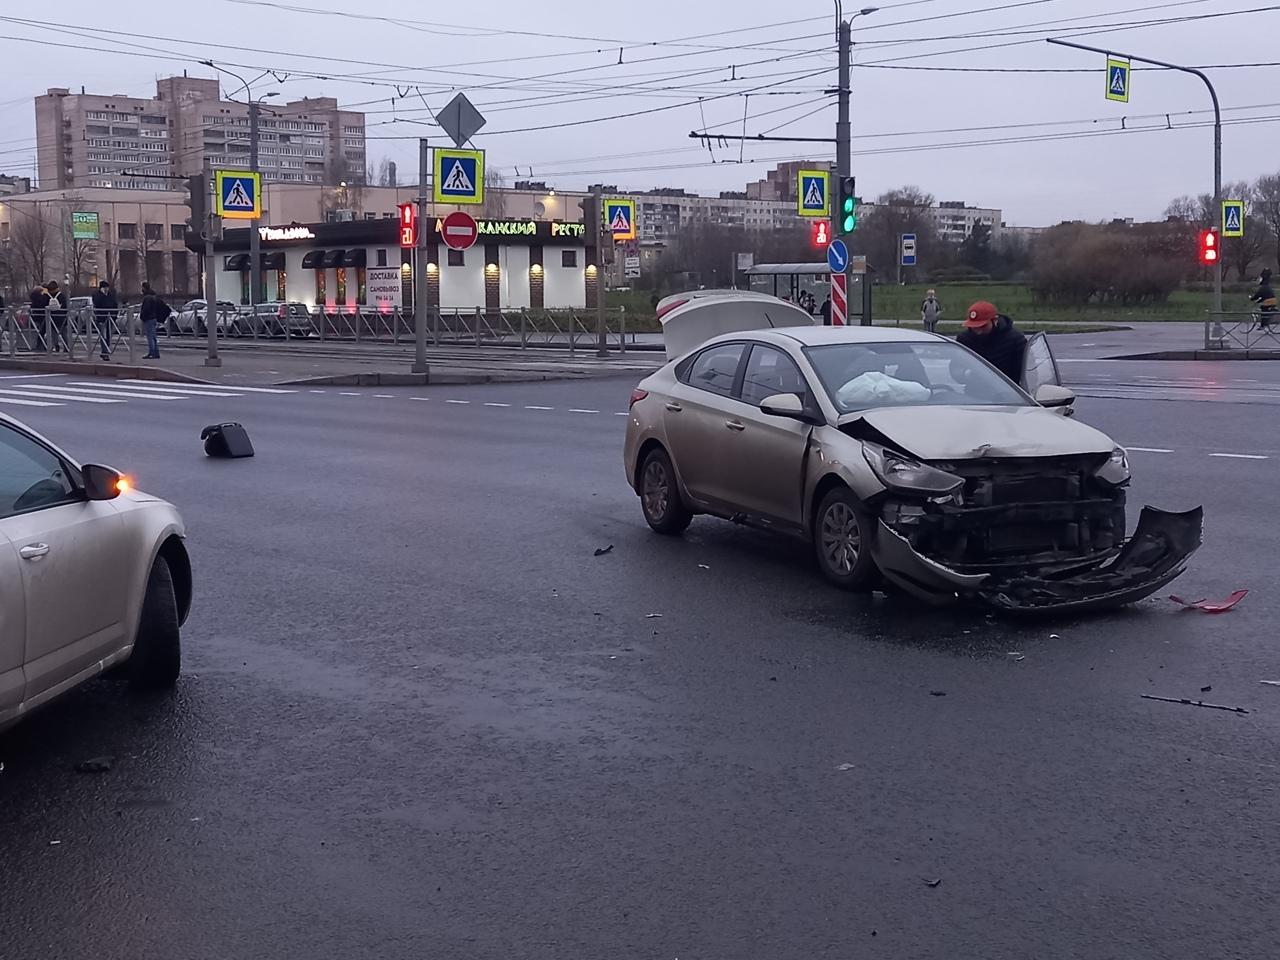 Skoda Октавия получила удар в бок от Соляриса на перекрестке Проспекта Просвещения и улицы Ивана ...